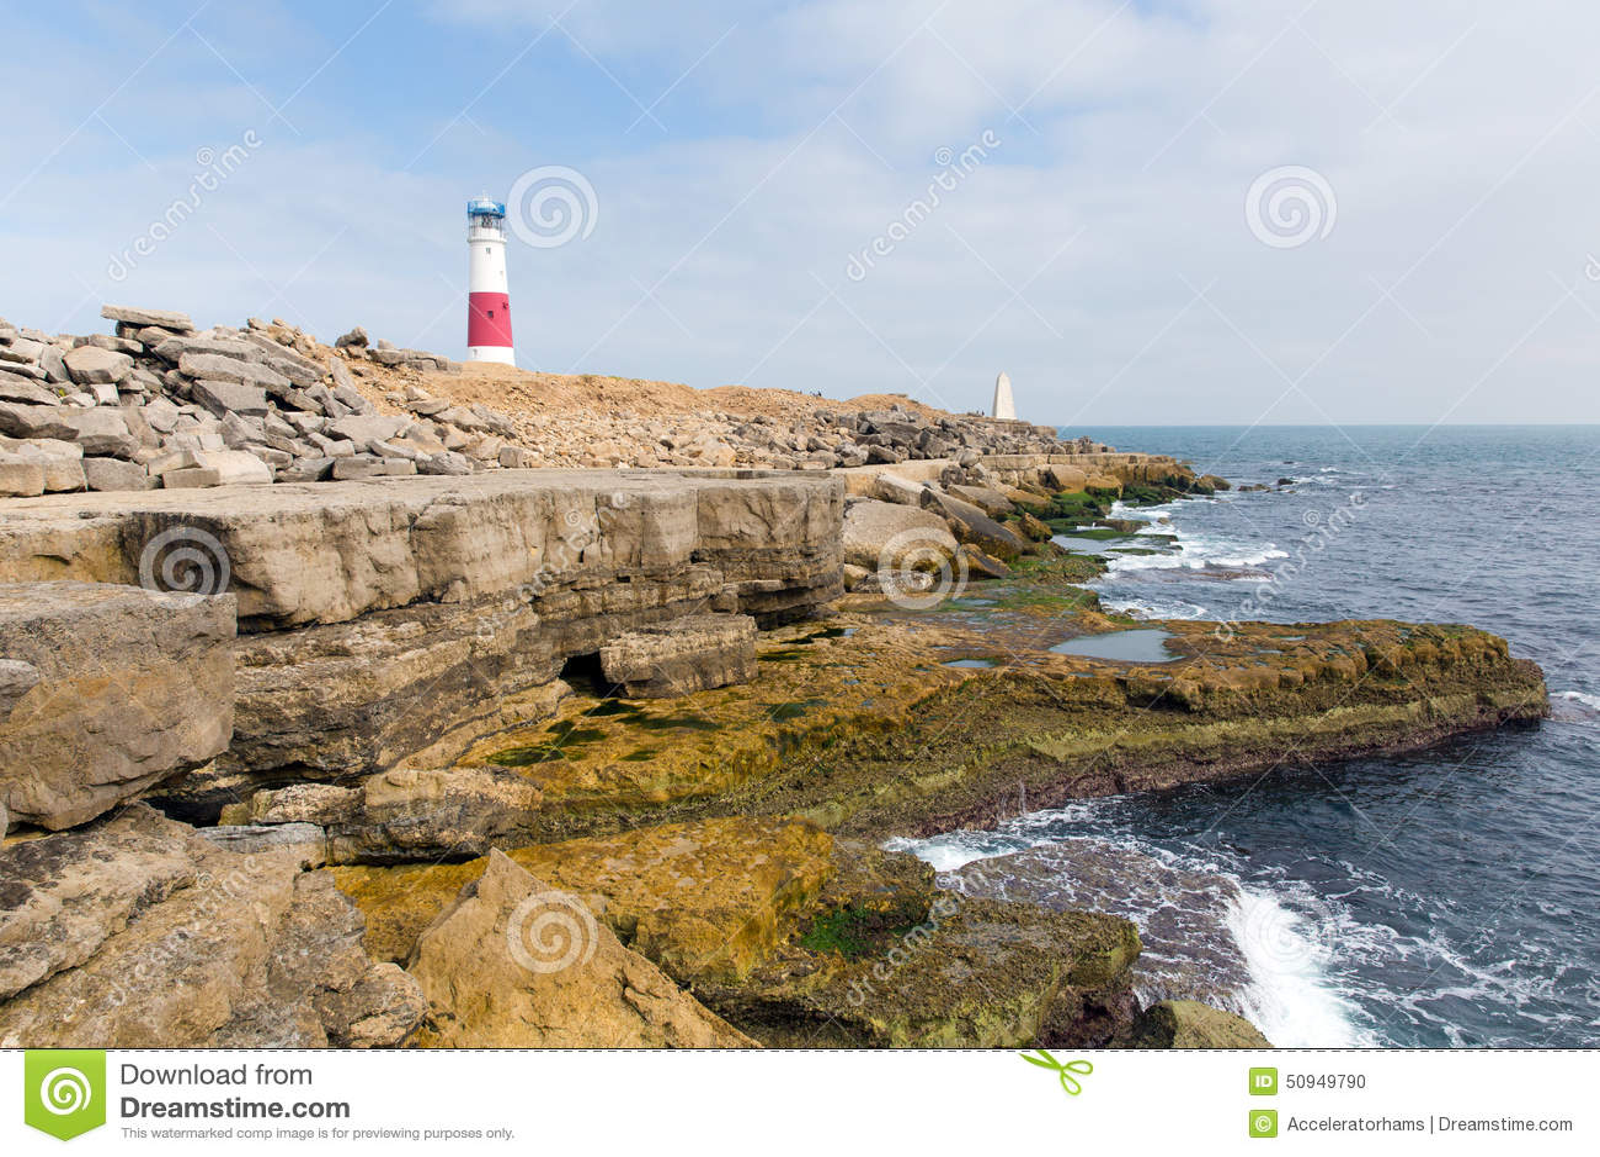 English Coast Lighthouse Portland Bill Isle Of Portland Dorset England UK Stock Photo - Image of ...